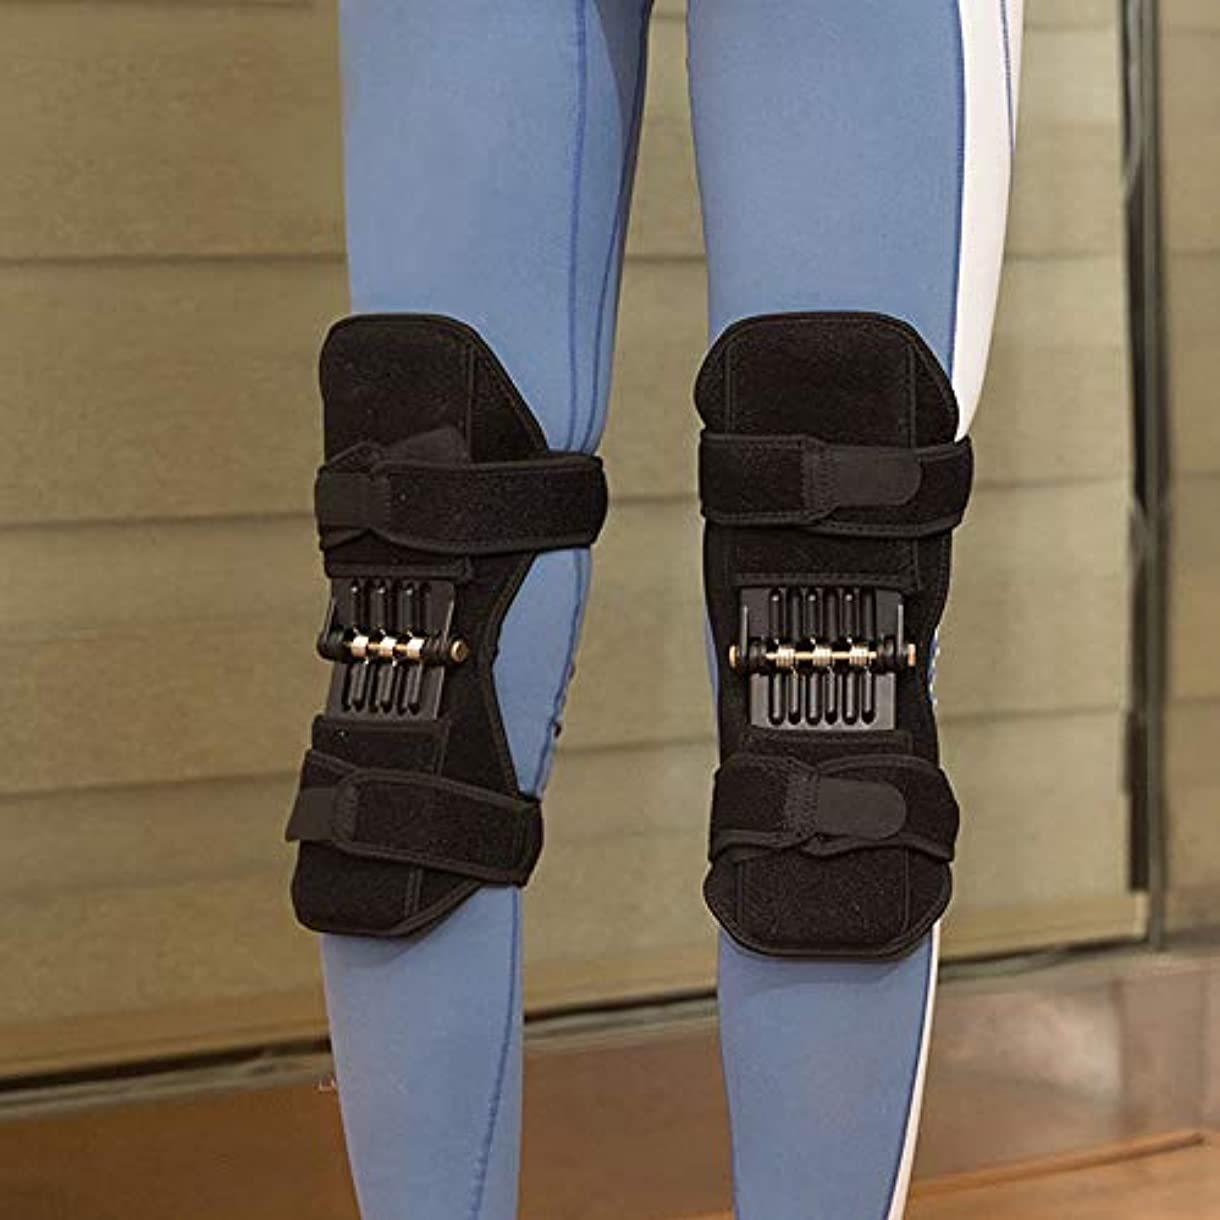 高架残り物なに1 ペアスポーツ 春の膝 ストラップ 登山 ランニング 膝 ブースター 膝 パッド 膝関節保護 マッサージツール